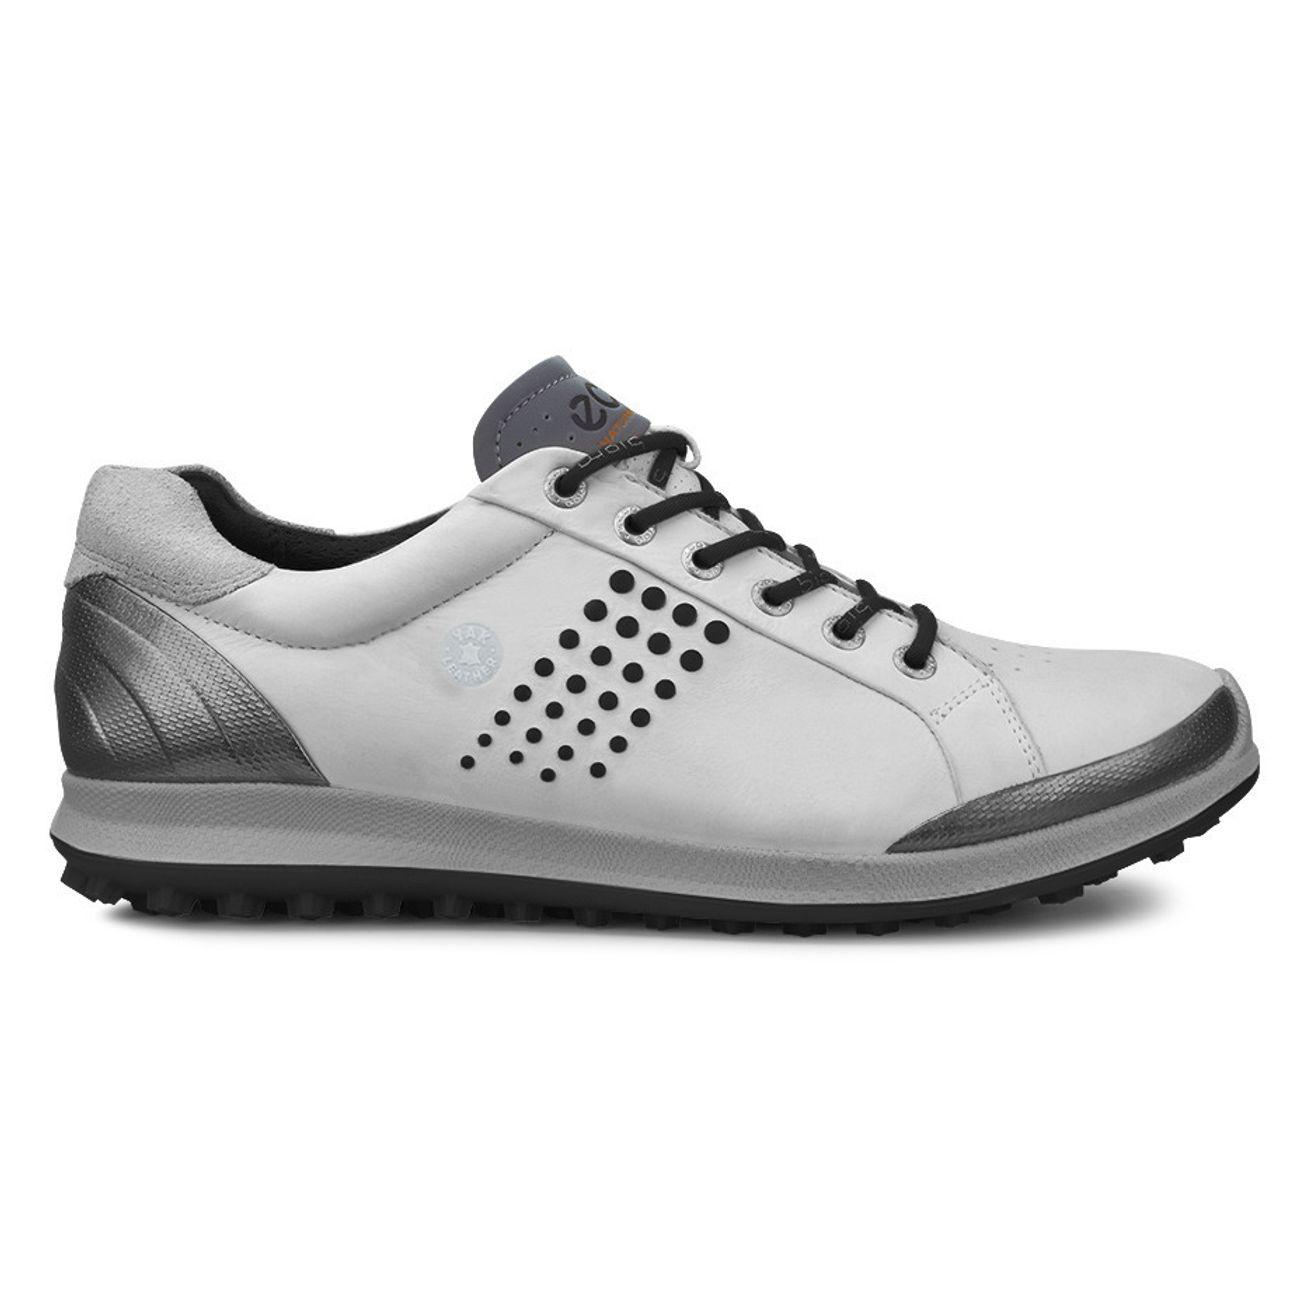 0808d930028 ... Course à pied homme ECCO Chaussure de golf Ecco Hommes Biom Golf Hybrid  2 White -